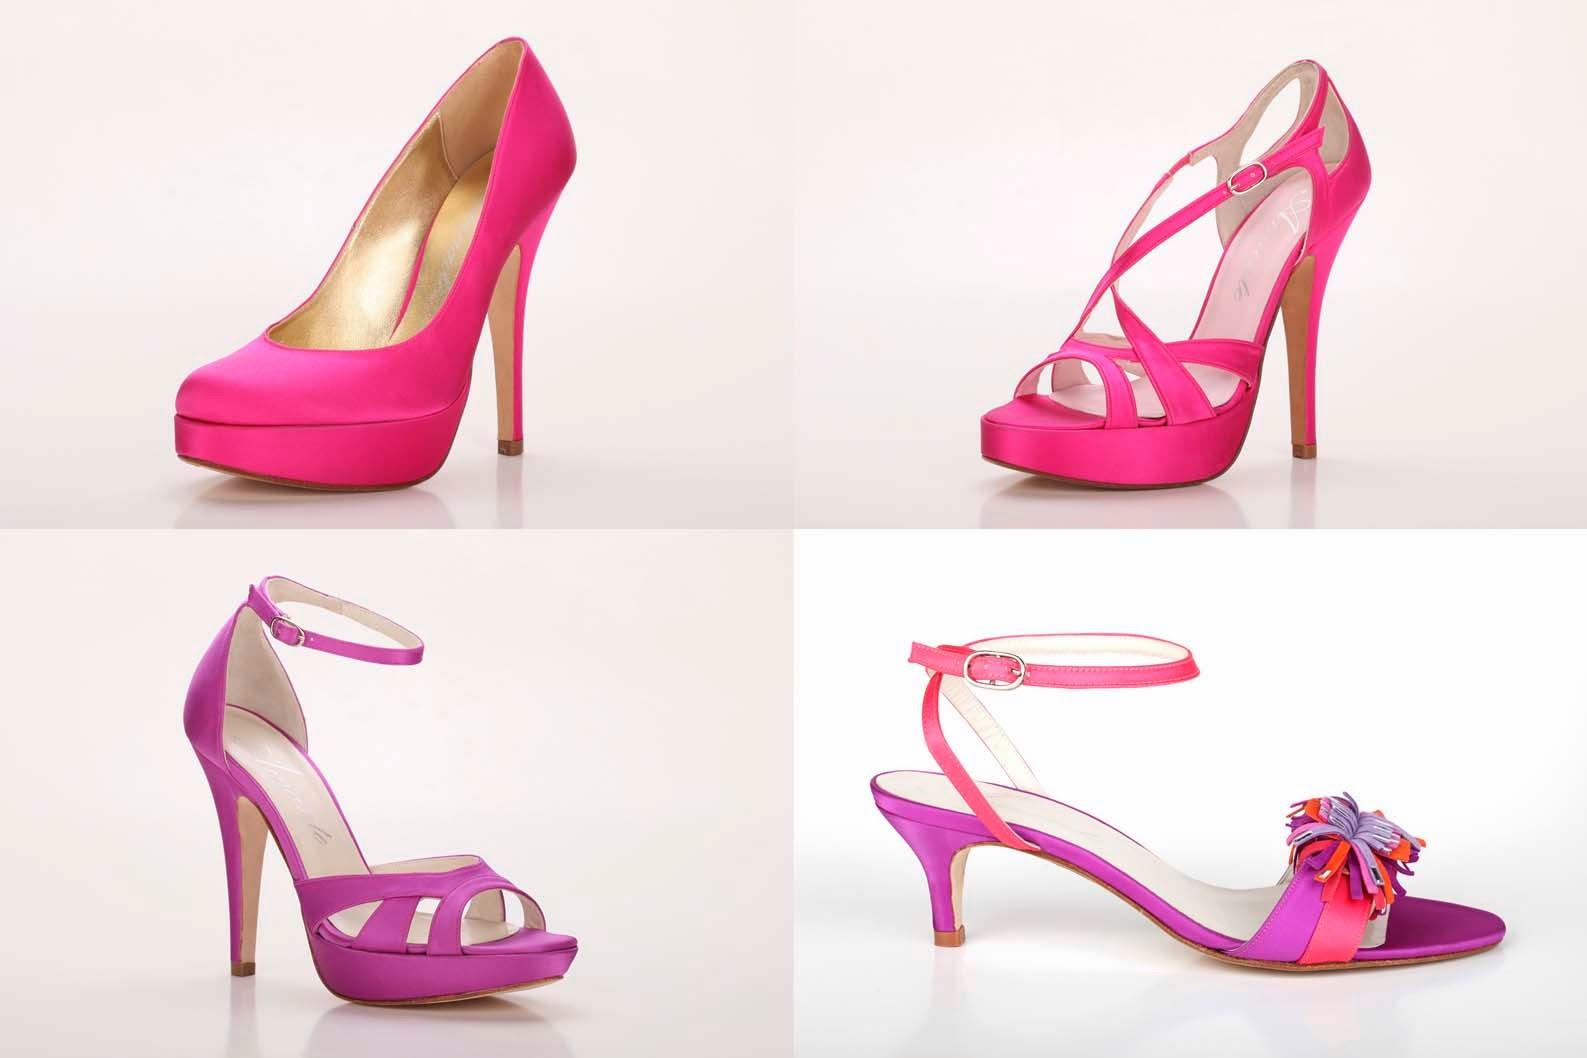 imagenes de zapatillas para 15 años - Zapatillas para niños Nike Store ES